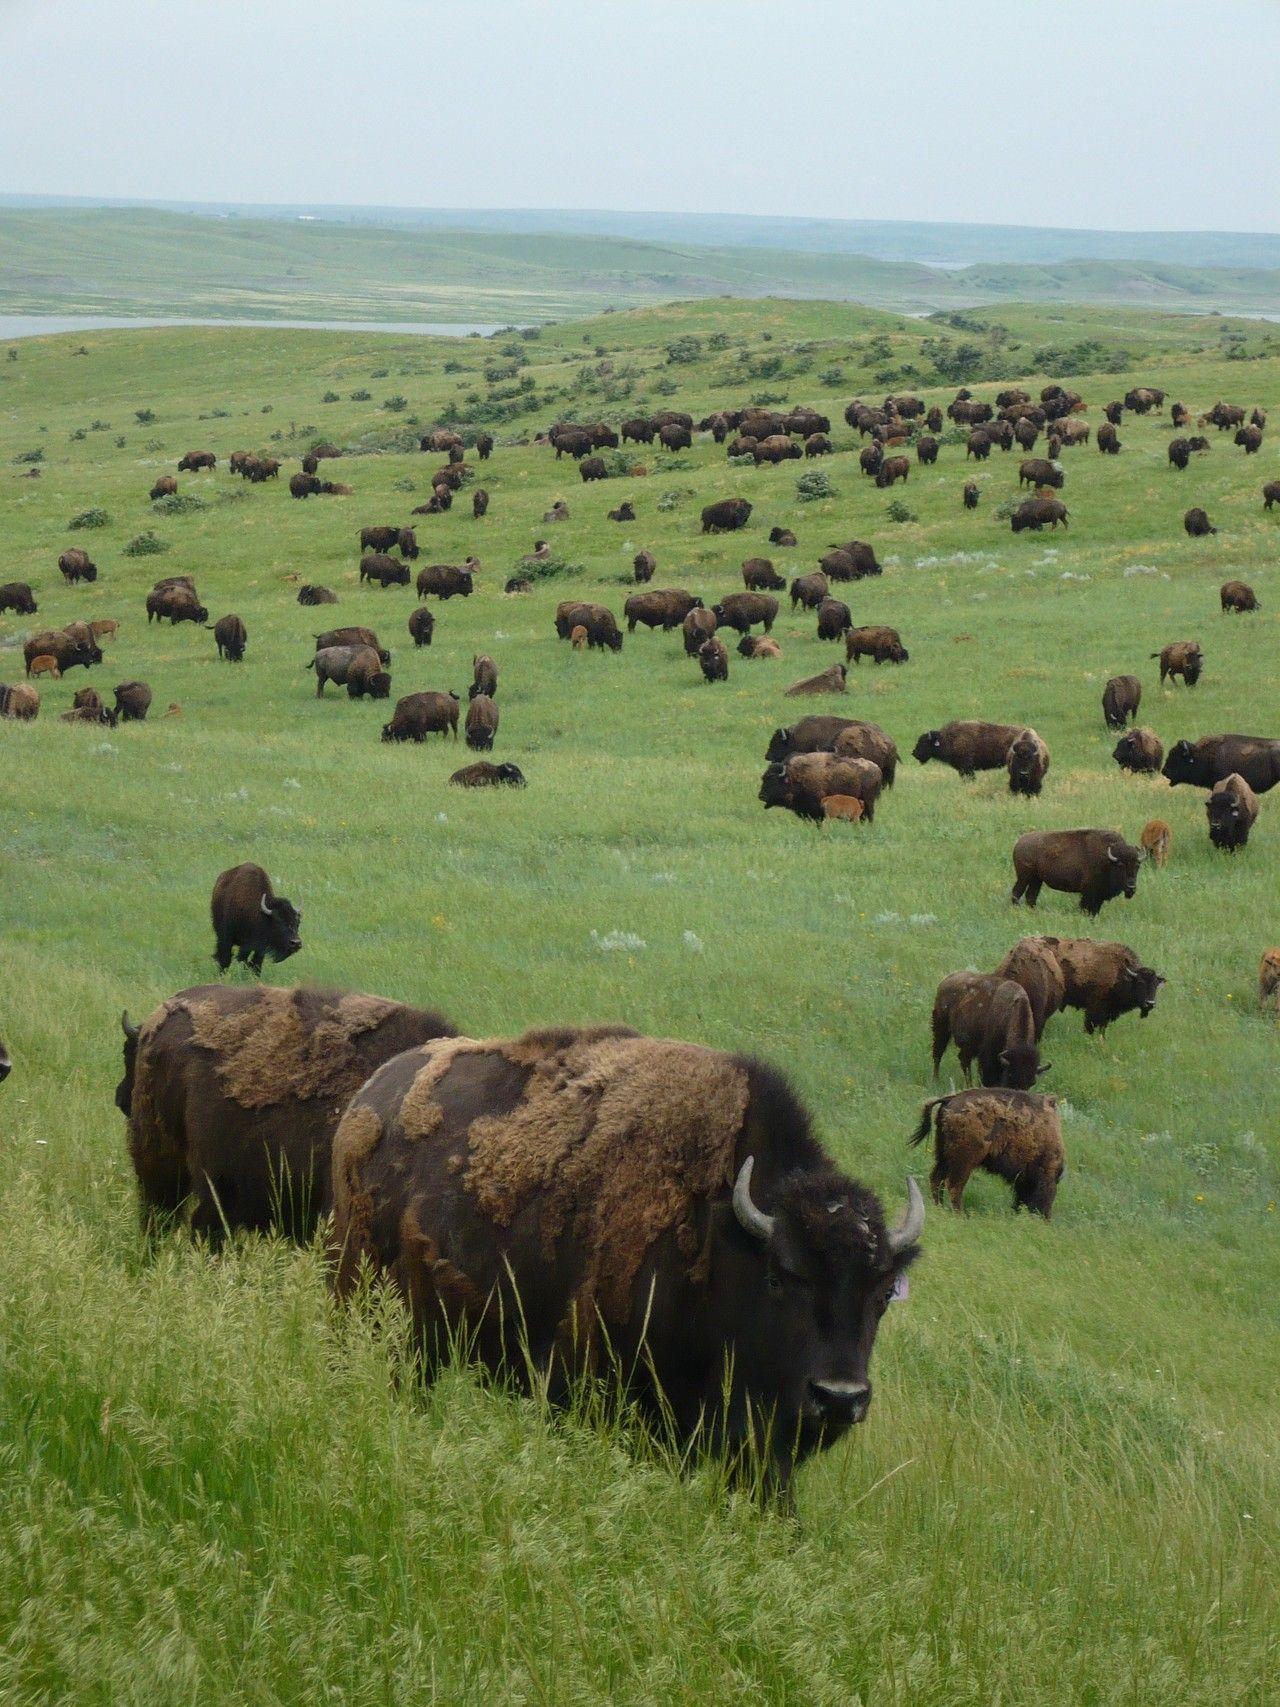 Búfalos  minha mãe ama esses bichinhos.